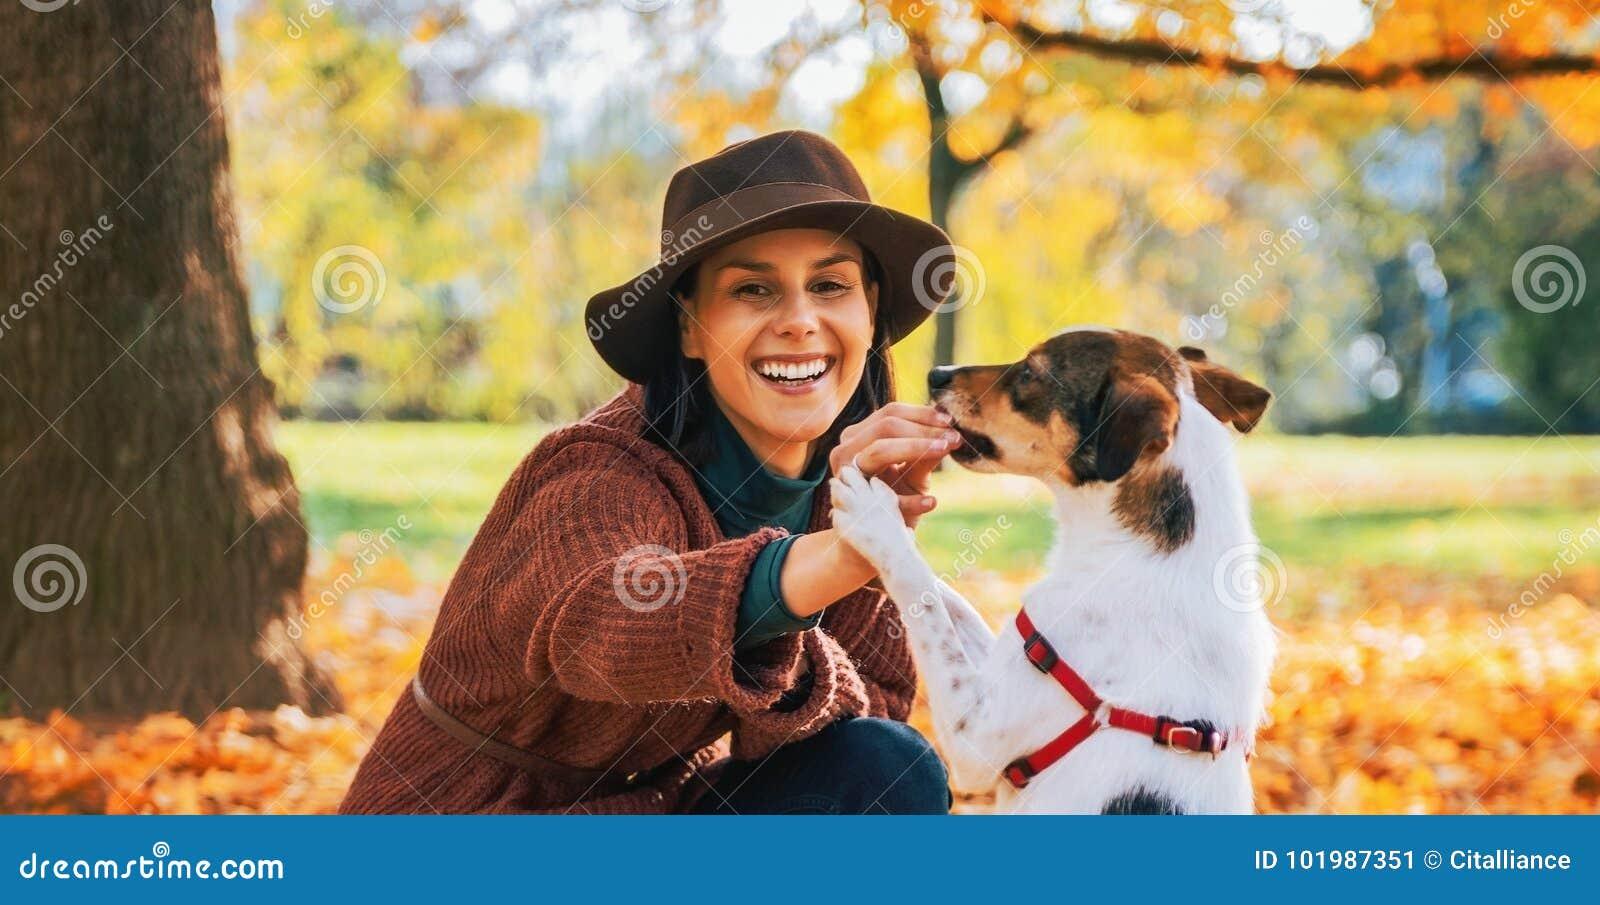 Junge Frau, die draußen mit Hund im Herbst spielt